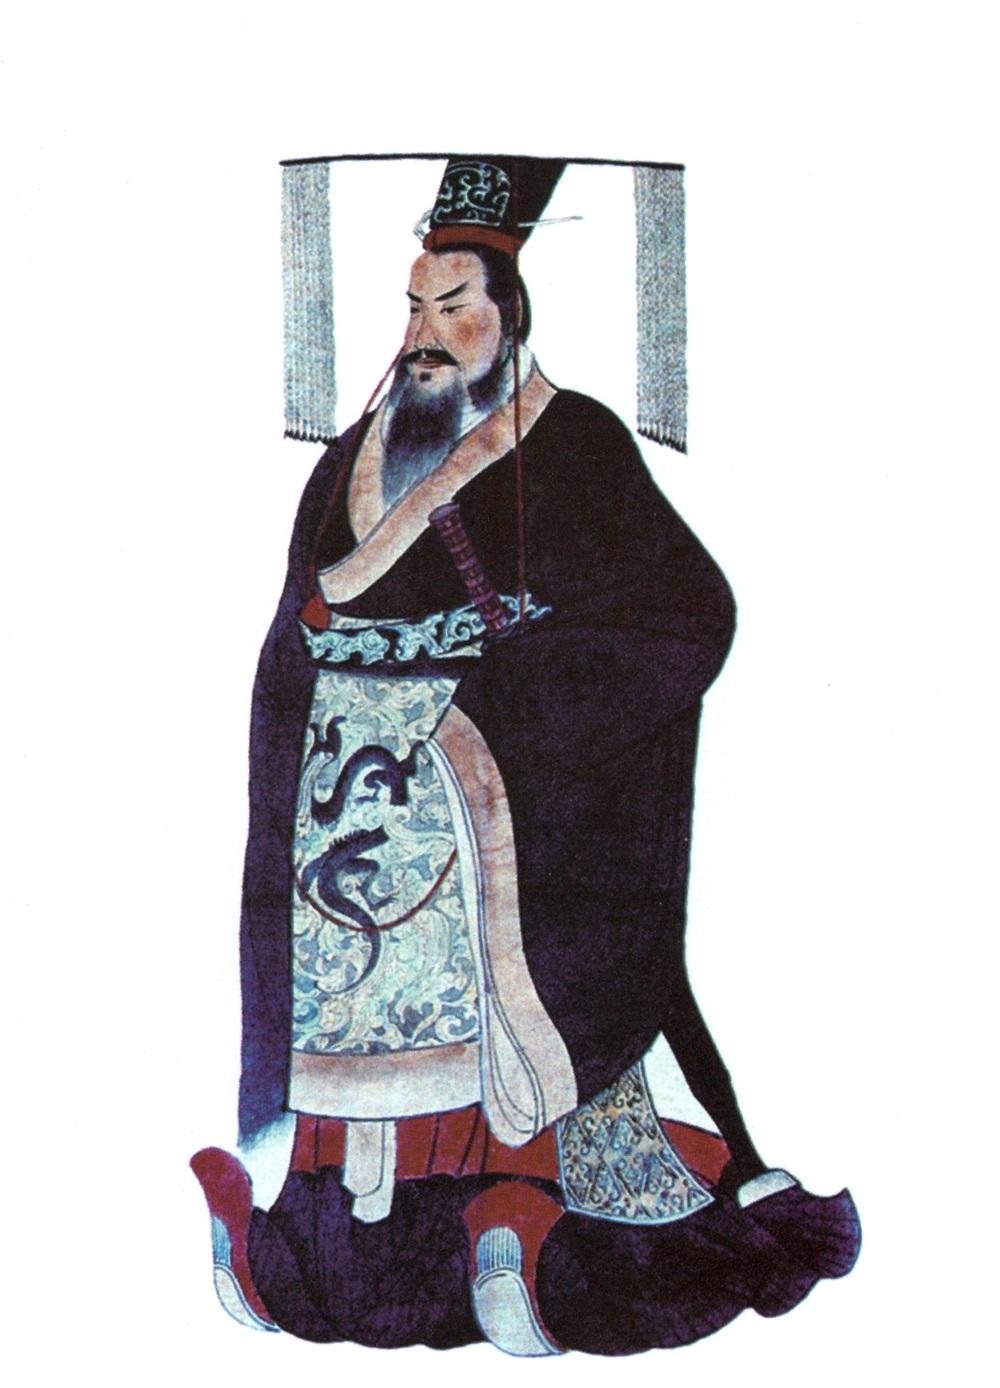 Qin Shi Huang, fundador de la dinastía Qin. Fuente: Wikipedia